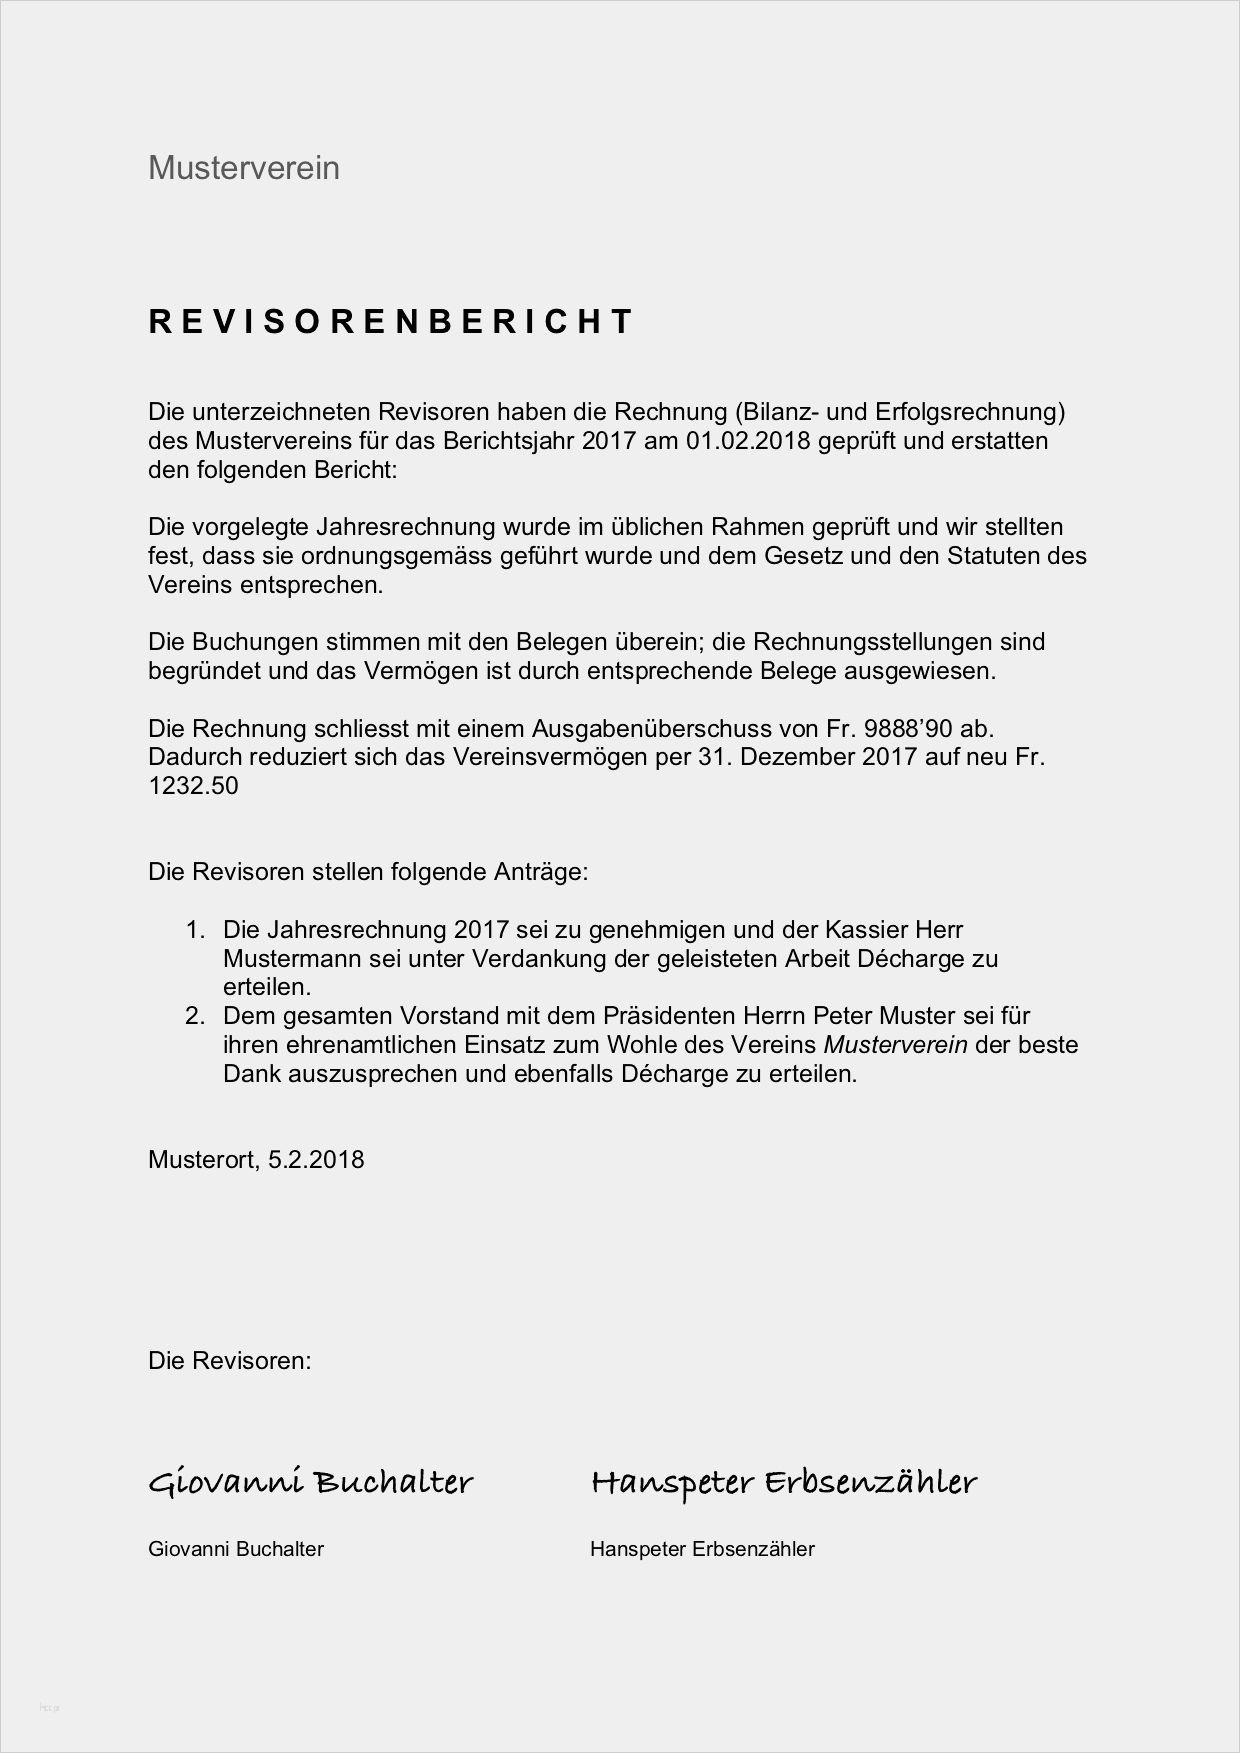 50 Suss Rucktritt Eines Vorstandsmitgliedes Im Verein Vorlage Ideen In 2020 Anschreiben Vorlage Vorlagen Vorstand